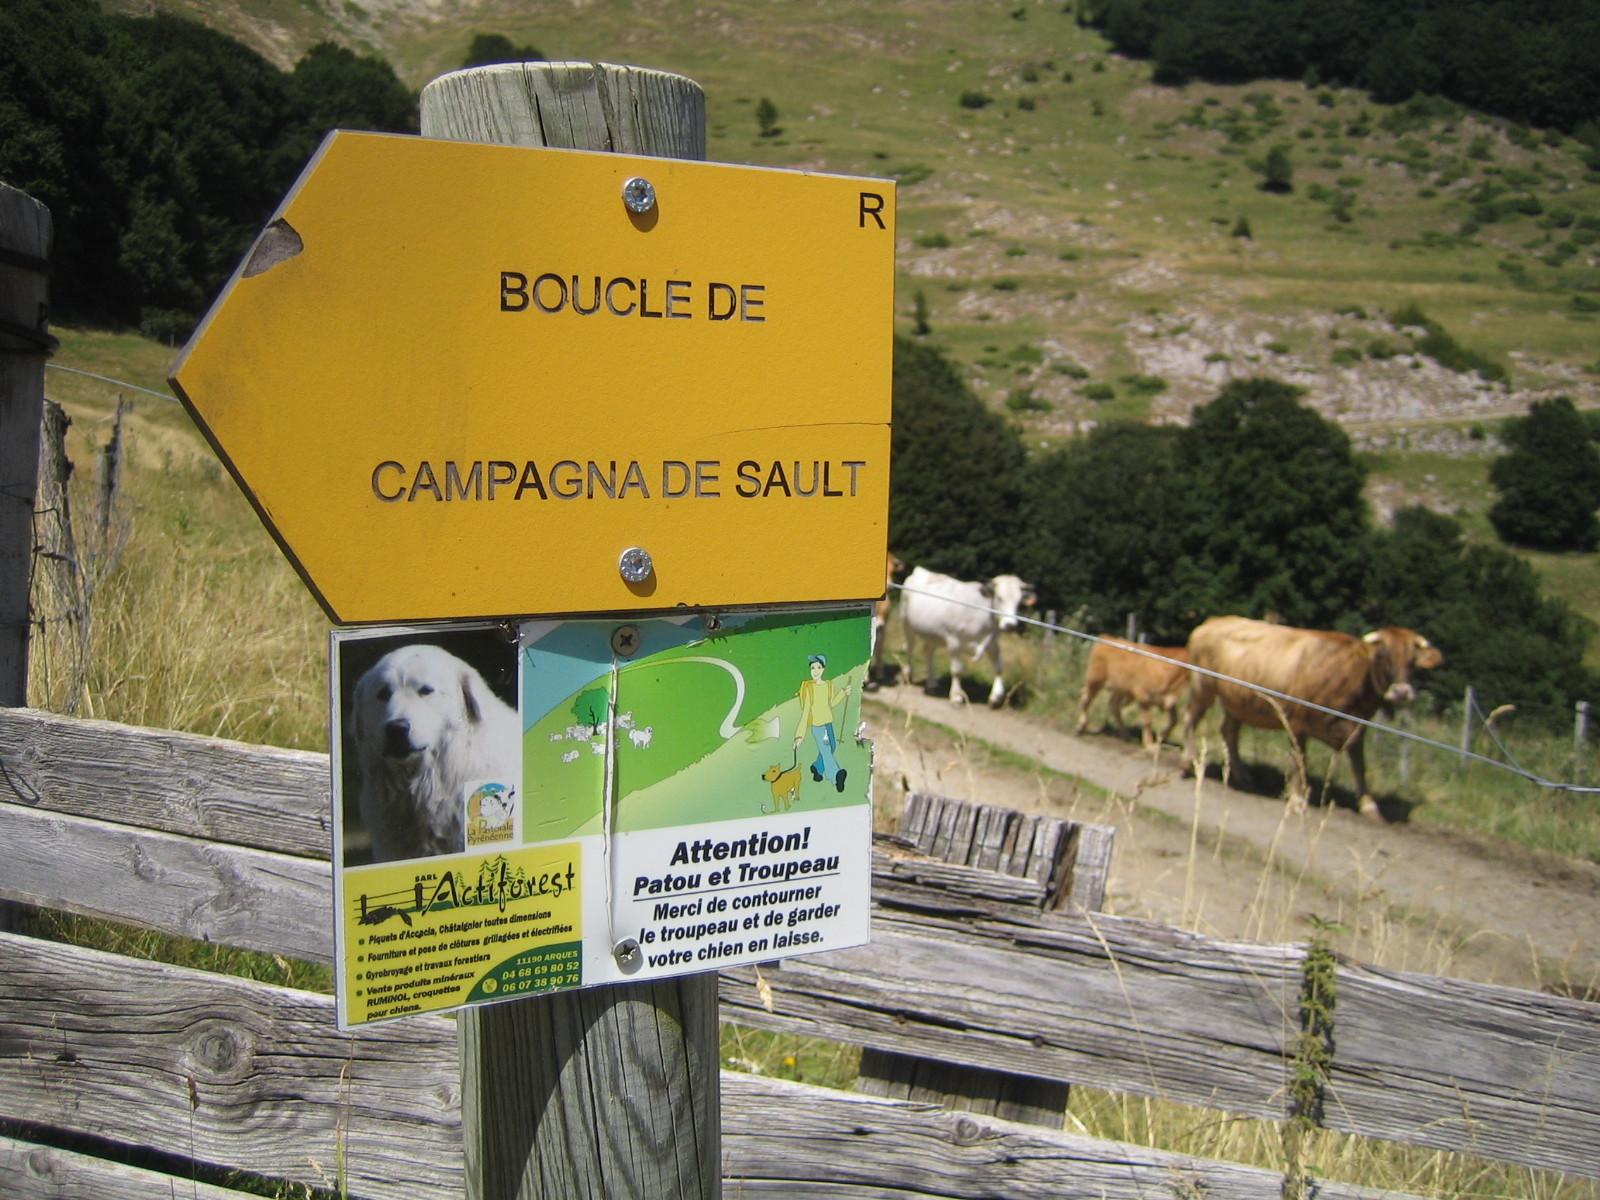 """Mise en garde à proximité d'une bergerie - présence de chiens de bergers """"patous"""""""